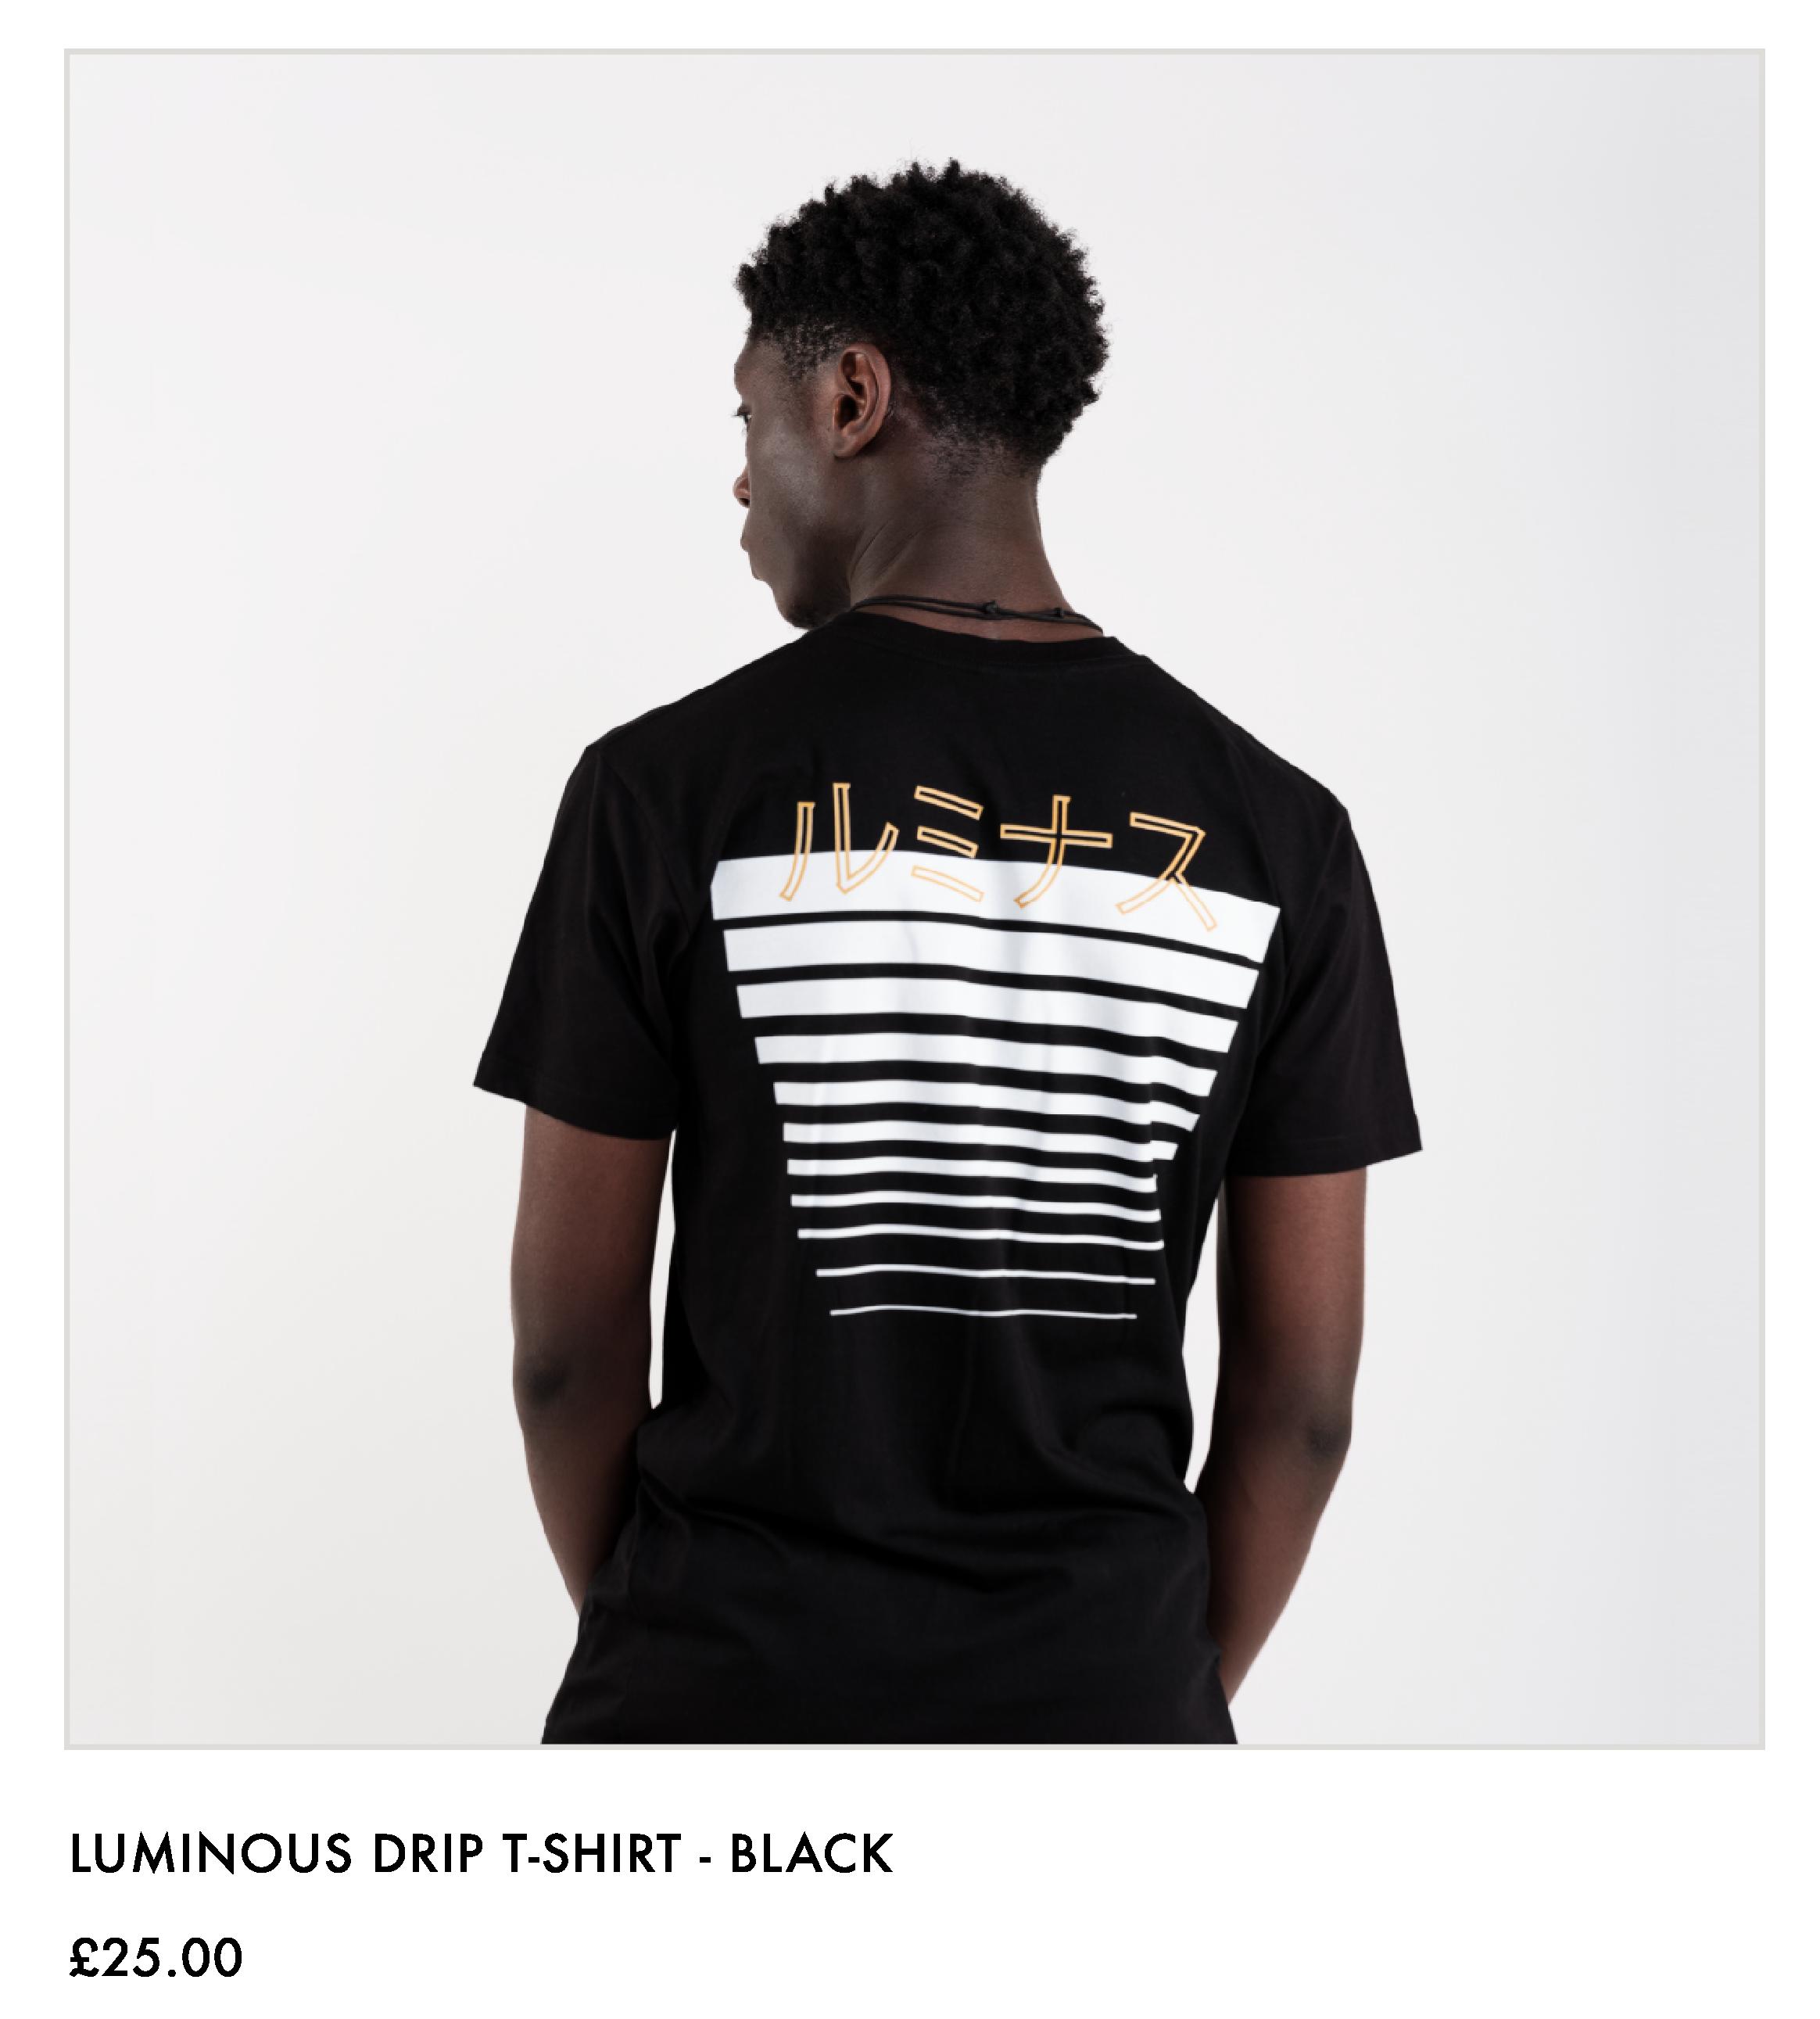 Luminous Drip T-shirt - Black